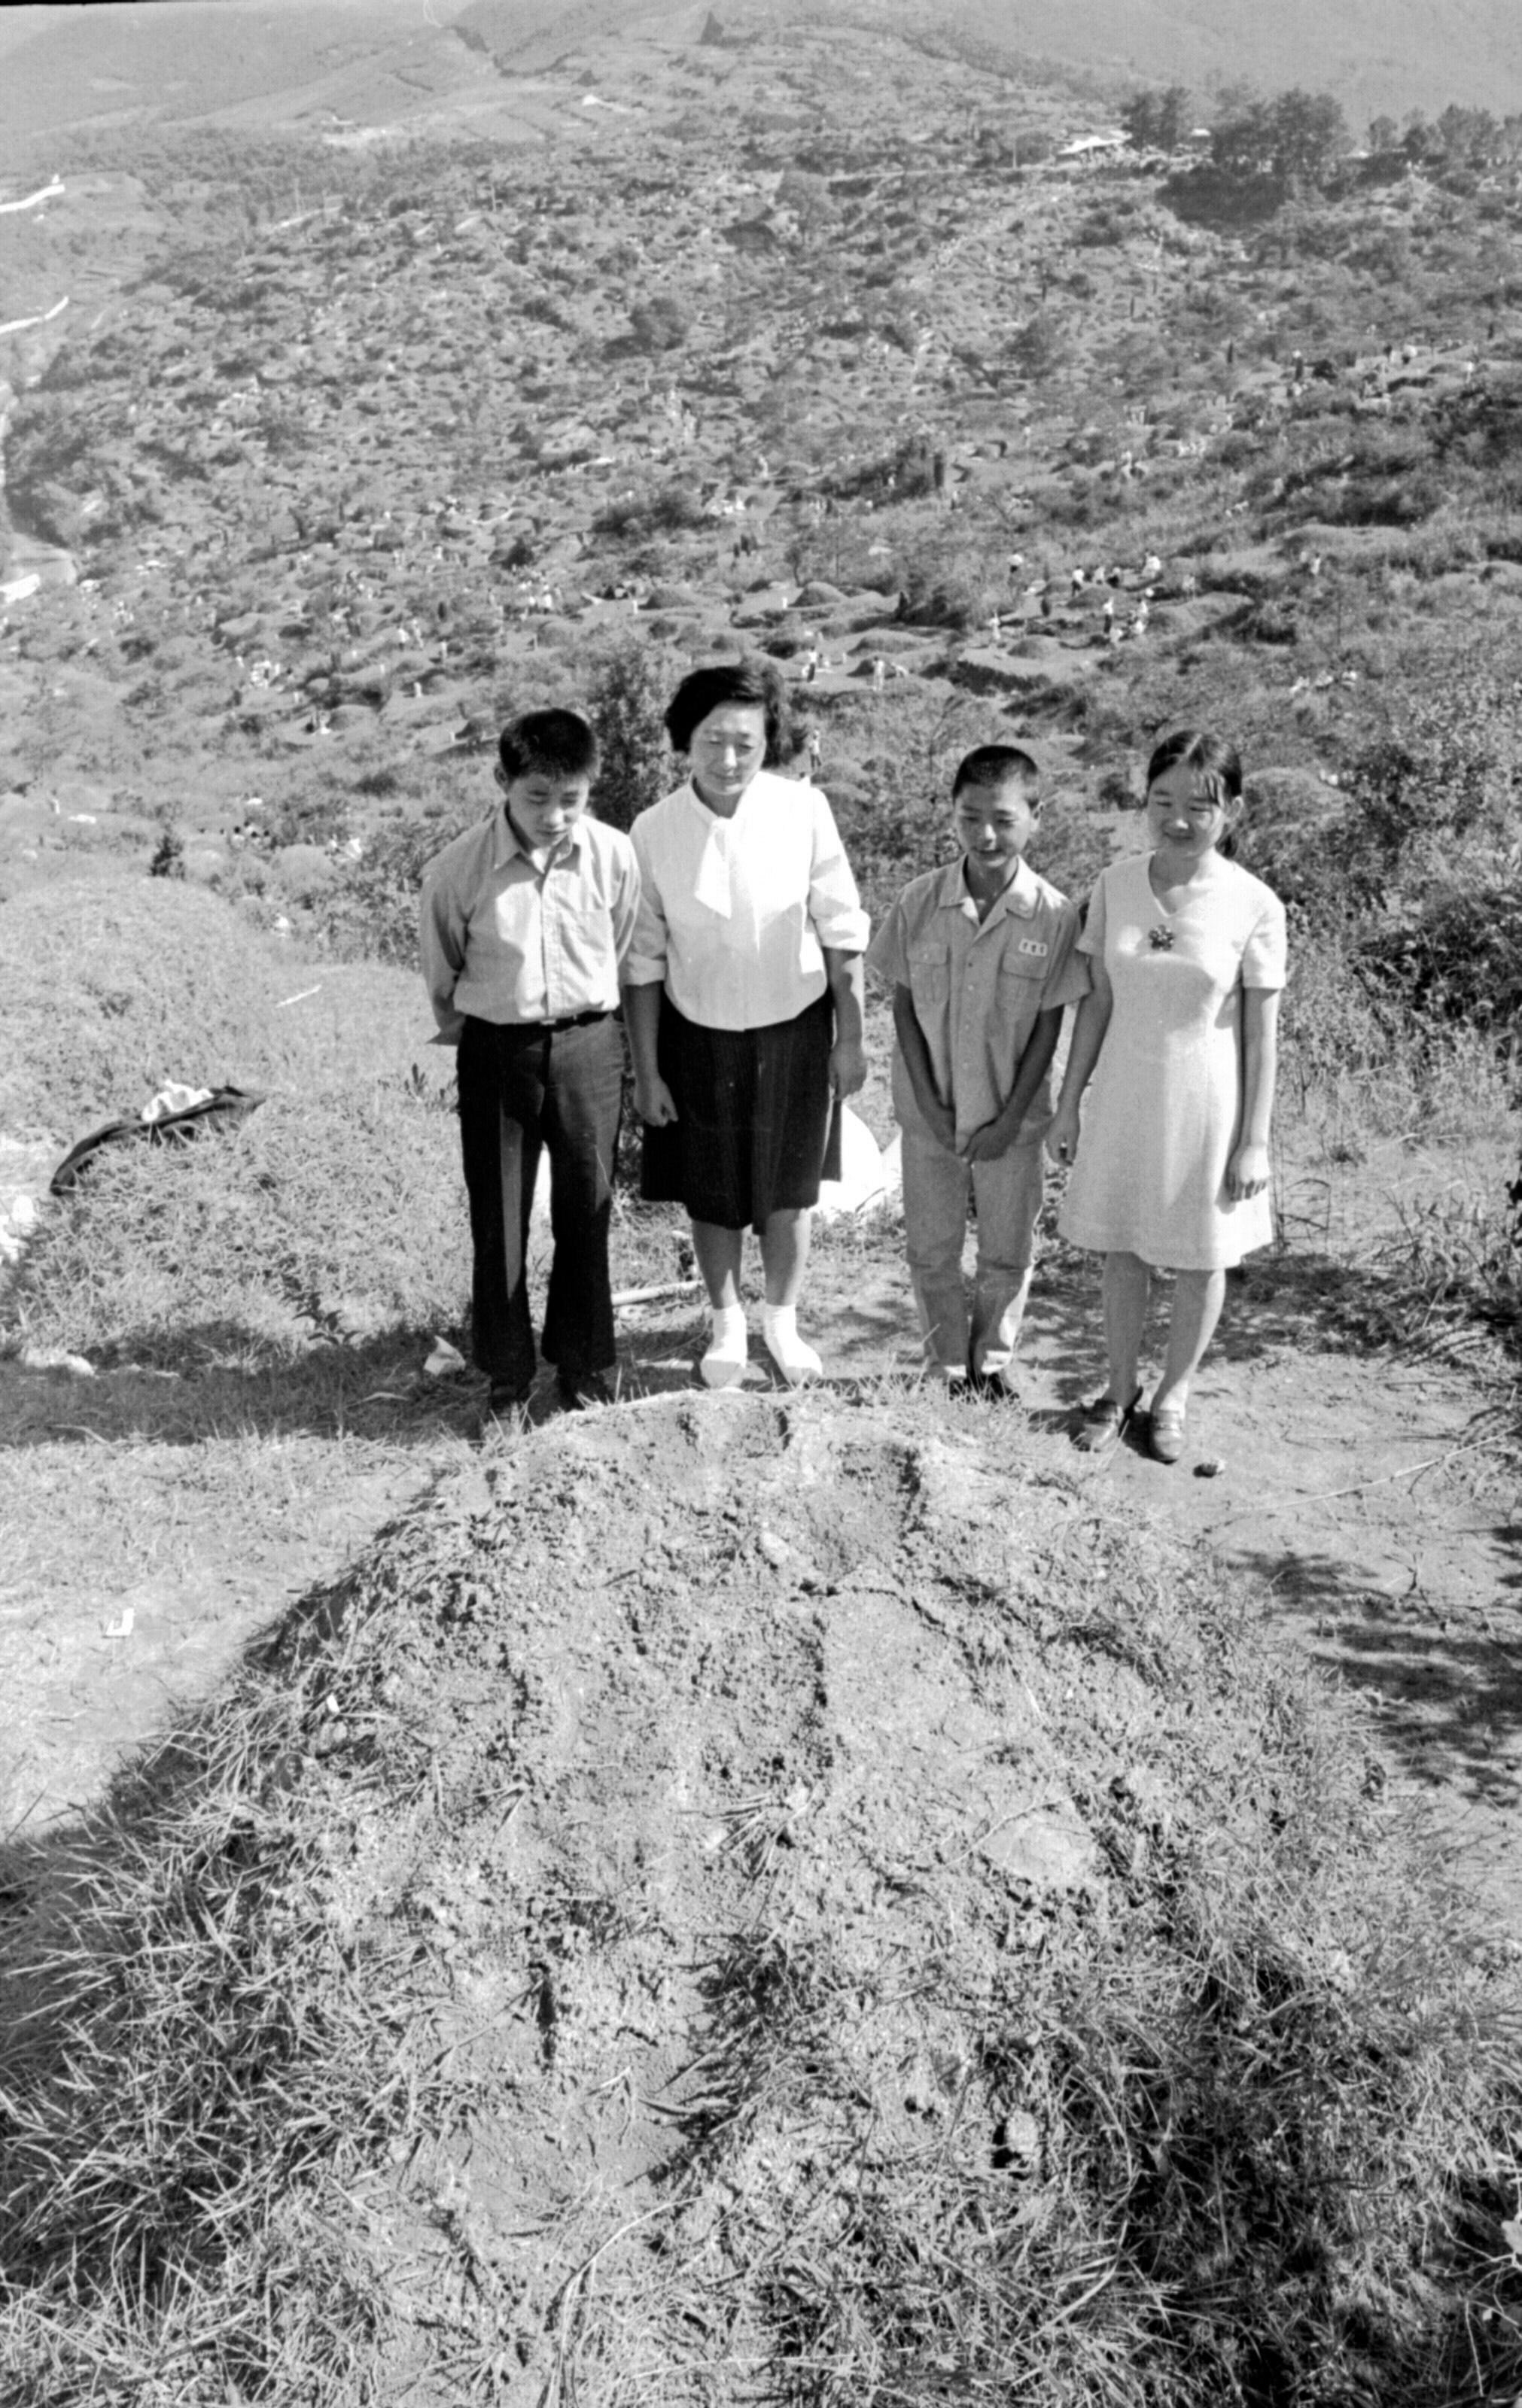 1970년 9월 15일 추석 망우리묘지. 먹고살기도 어려웠던 당시 땅도 척박하기만했다. 묘 위 잔디가 듬성듬성하다.[중앙포토]